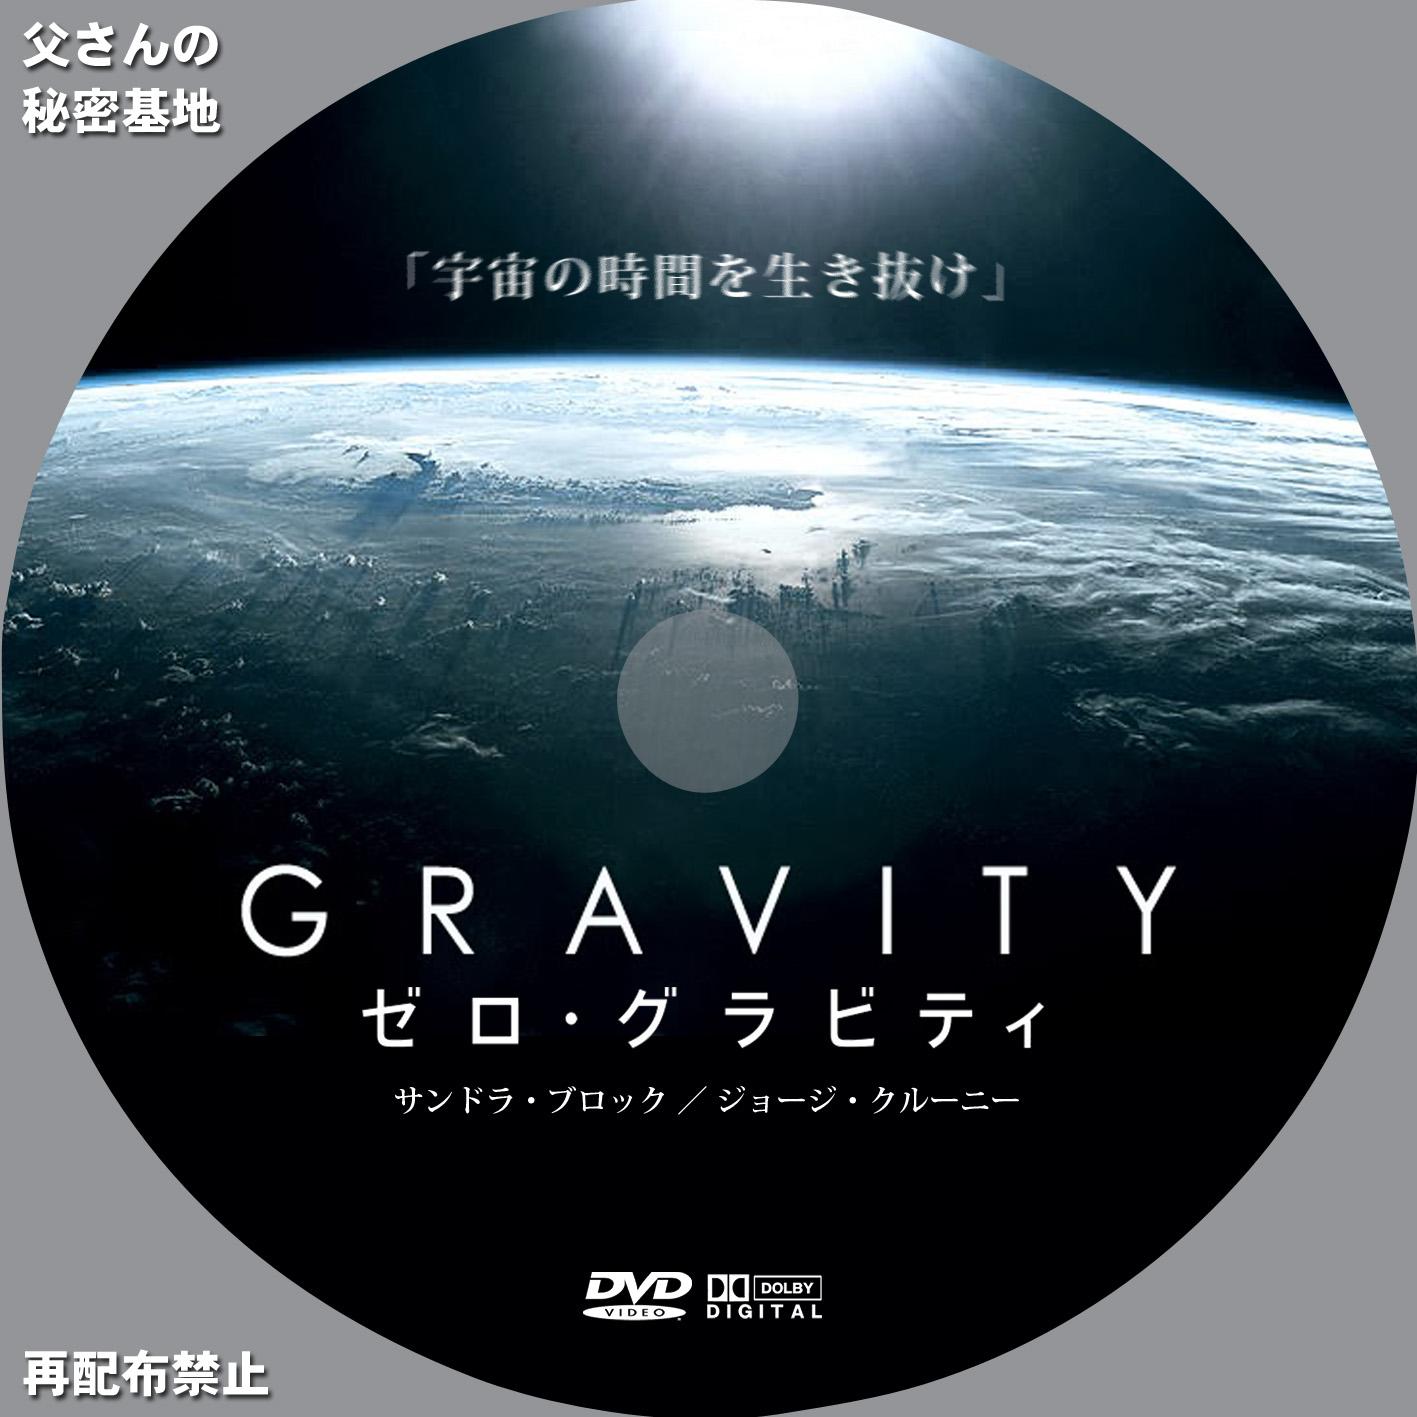 gravity_A_DVD.jpg